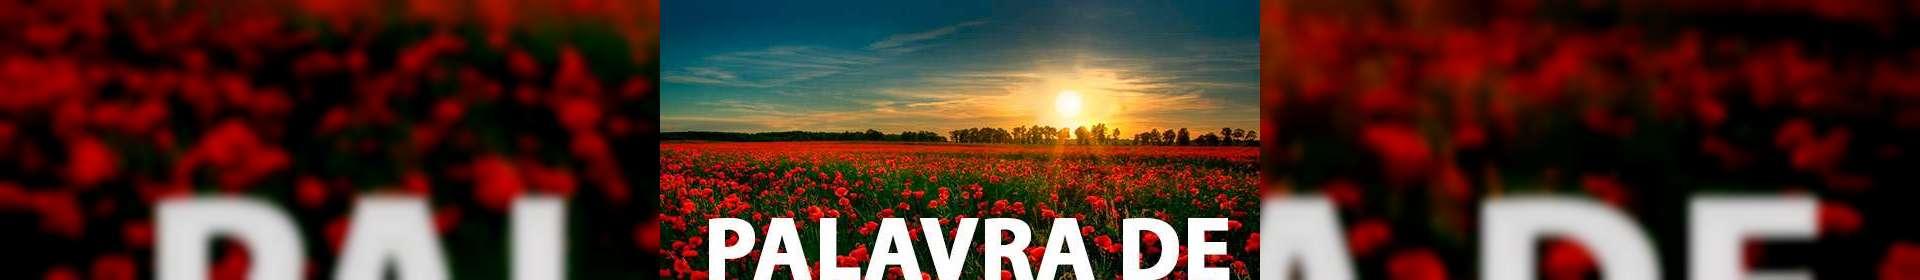 Salmos 63:1 - Uma Palavra de Esperança para sua vida